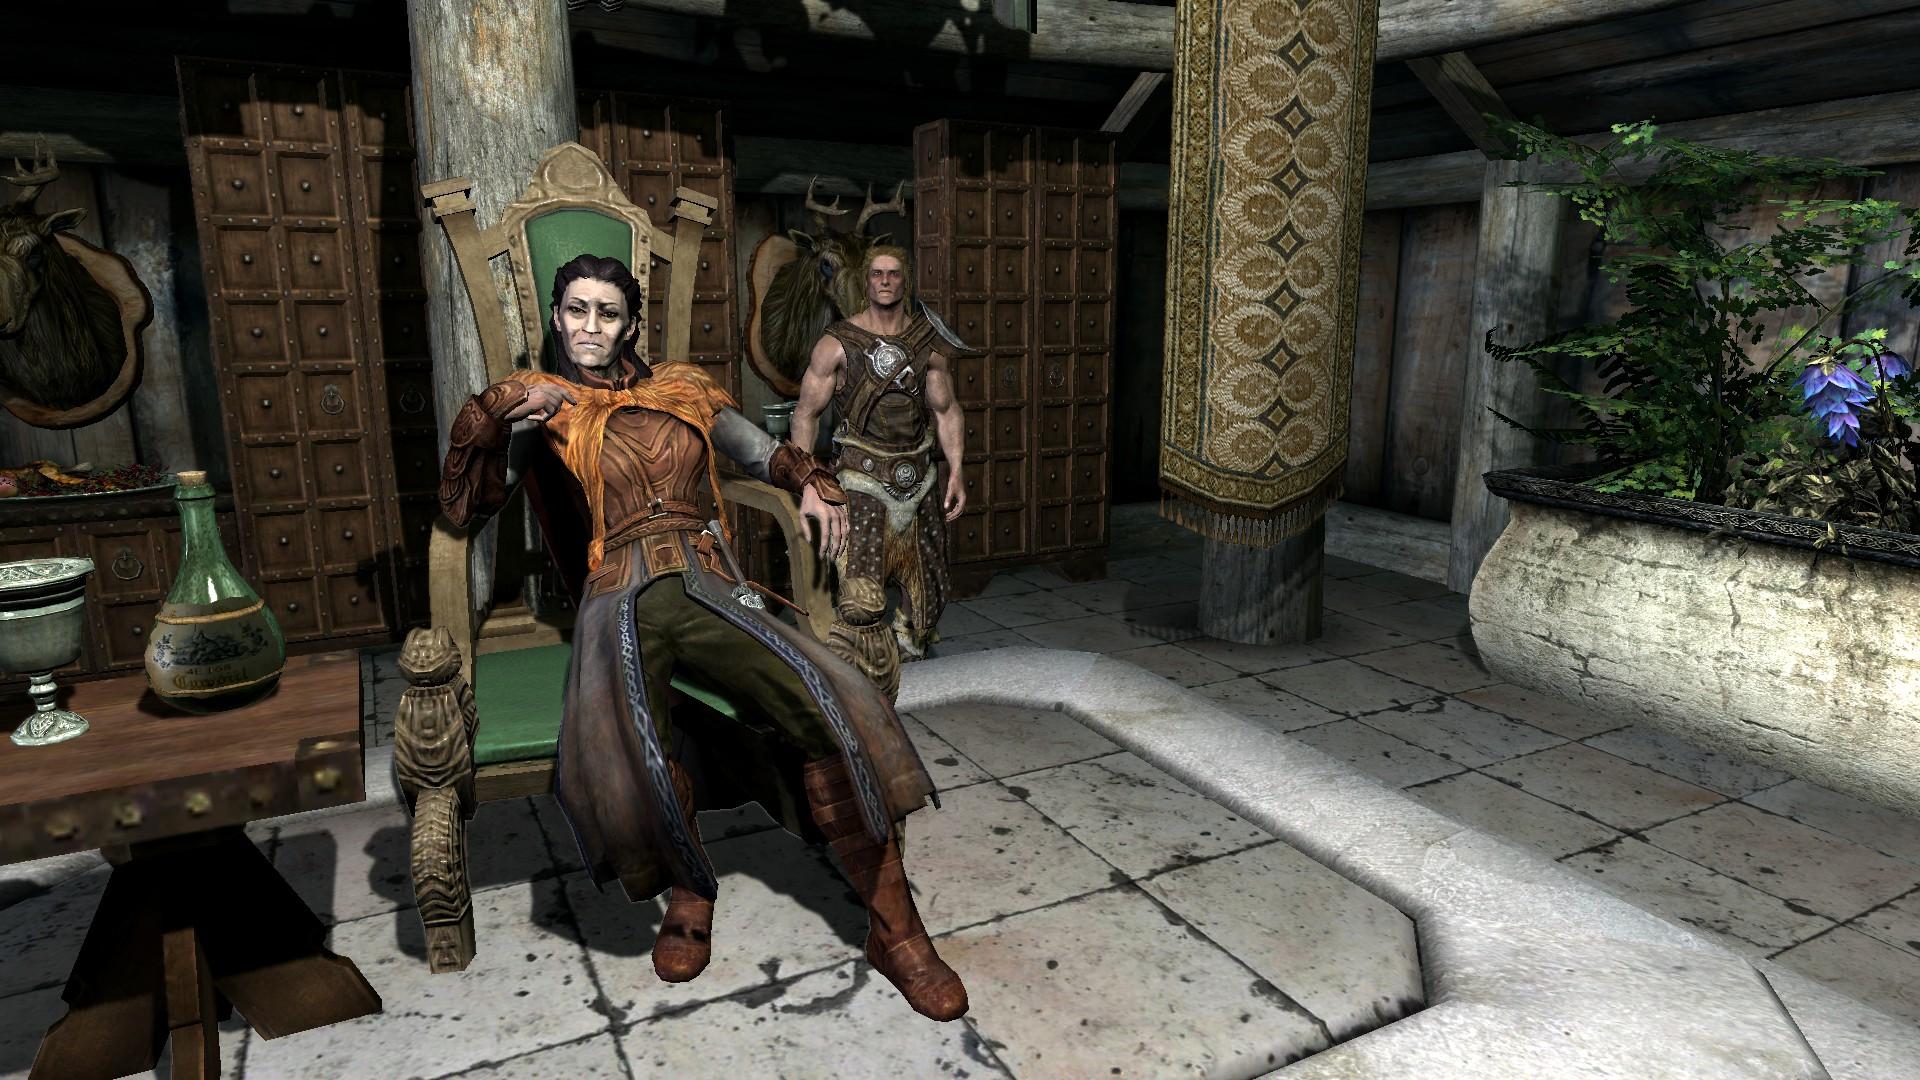 Skyrim aela the huntress conquered part